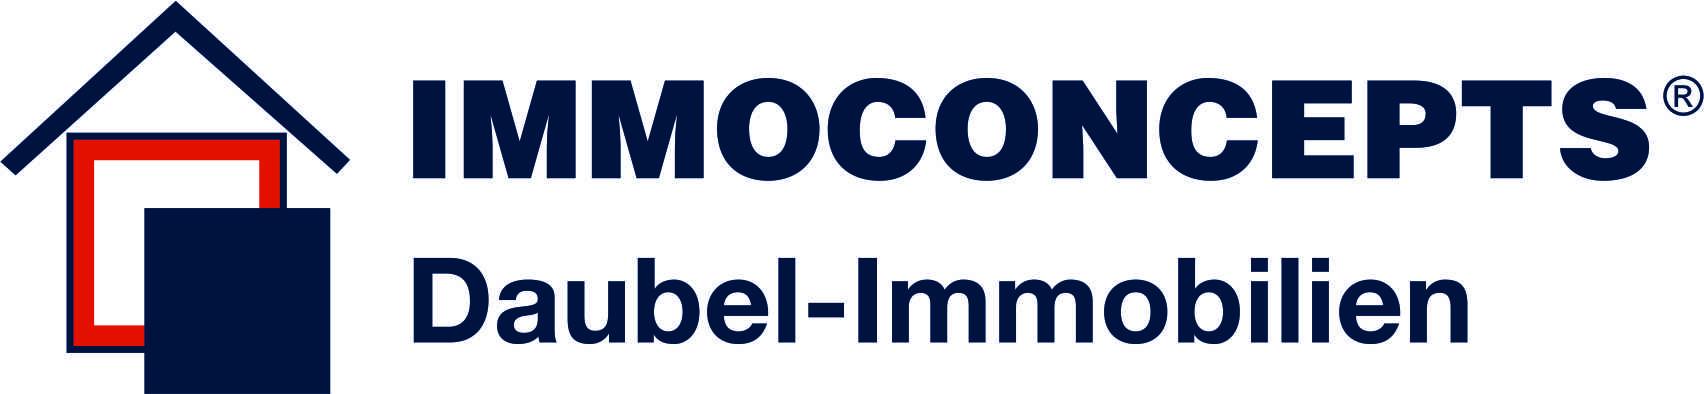 Hier sehen Sie das Logo von Immoconcepts Daubel Immobilien